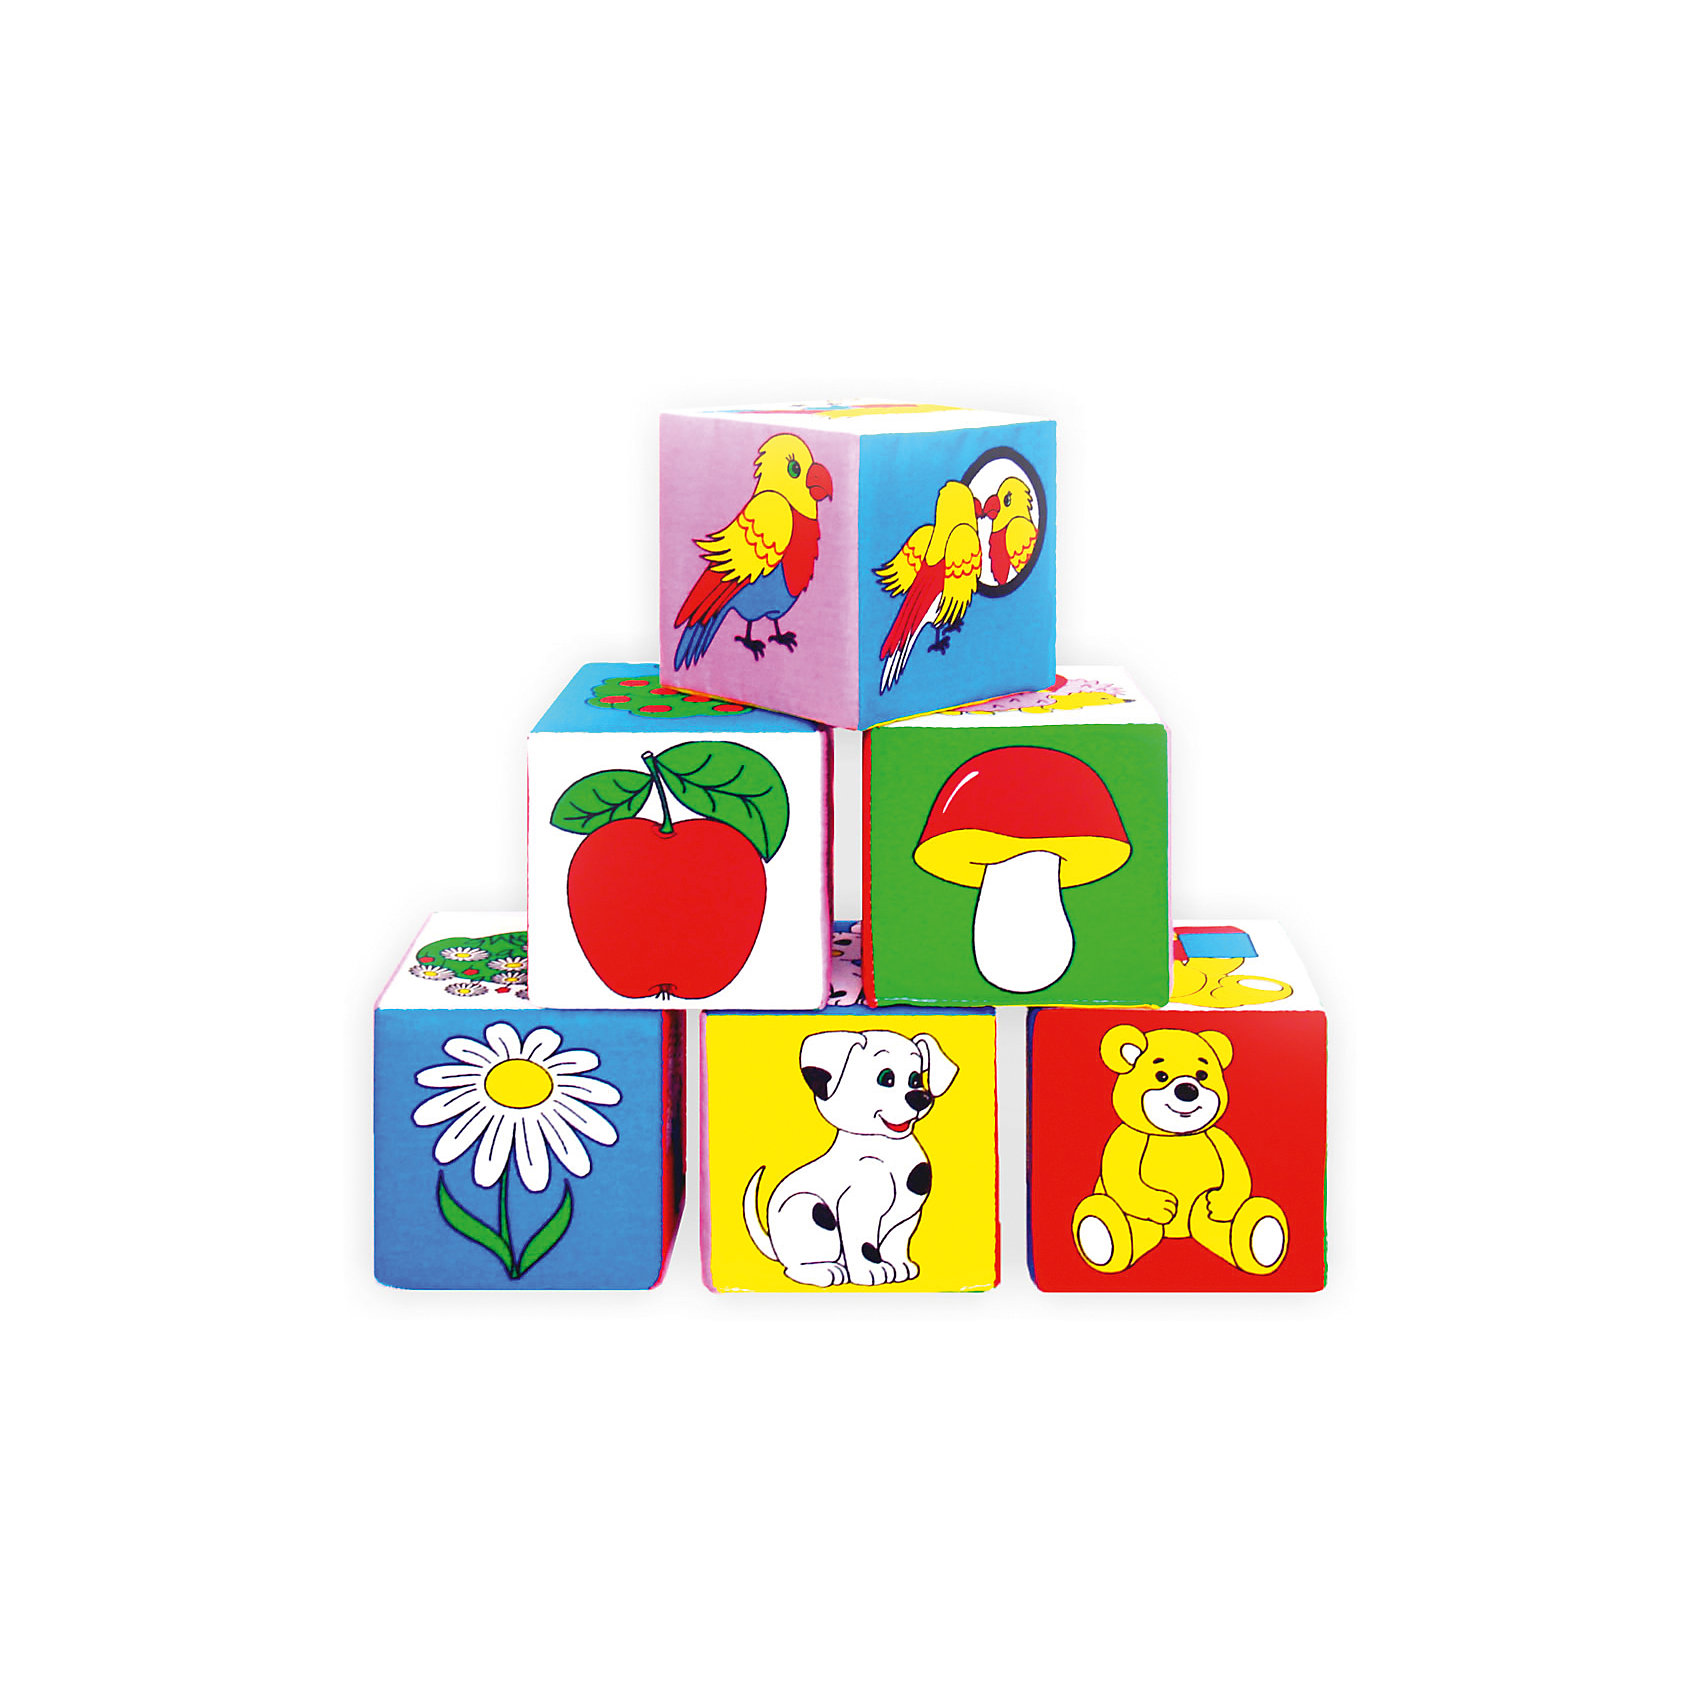 Кубики Предметы, МякишиХарактеристики товара:<br><br>• материал: хлопок, поролон<br>• комплектация: 6 шт<br>• размер кубика: 10х10х10 см<br>• размер упаковки: 31x23x11 см<br>• развивающая игрушка<br>• упаковка: пакет<br>• вес: 195 г<br>• страна бренда: РФ<br>• страна изготовитель: РФ<br><br>Малыши активно познают мир и тянутся к новой информации. Чтобы сделать процесс изучения окружающего пространства интереснее, ребенку можно подарить развивающие игрушки. В процессе игры информация усваивается намного лучше!<br>Такие кубики помогут занять малыша, играть ими приятно и весело. Одновременно они позволят познакомиться со многими предметами, которые ребенку предстоит встретить. Такие игрушки развивают тактильные ощущения, моторику, цветовосприятие, логику, воображение, учат фокусировать внимание. Каждое изделие абсолютно безопасно – оно создано из качественной ткани с мягким наполнителем. Игрушки производятся из качественных и проверенных материалов, которые безопасны для детей.<br><br>Кубики Предметы от бренда Мякиши можно купить в нашем интернет-магазине.<br><br>Ширина мм: 200<br>Глубина мм: 100<br>Высота мм: 300<br>Вес г: 80<br>Возраст от месяцев: 12<br>Возраст до месяцев: 36<br>Пол: Унисекс<br>Возраст: Детский<br>SKU: 5183157